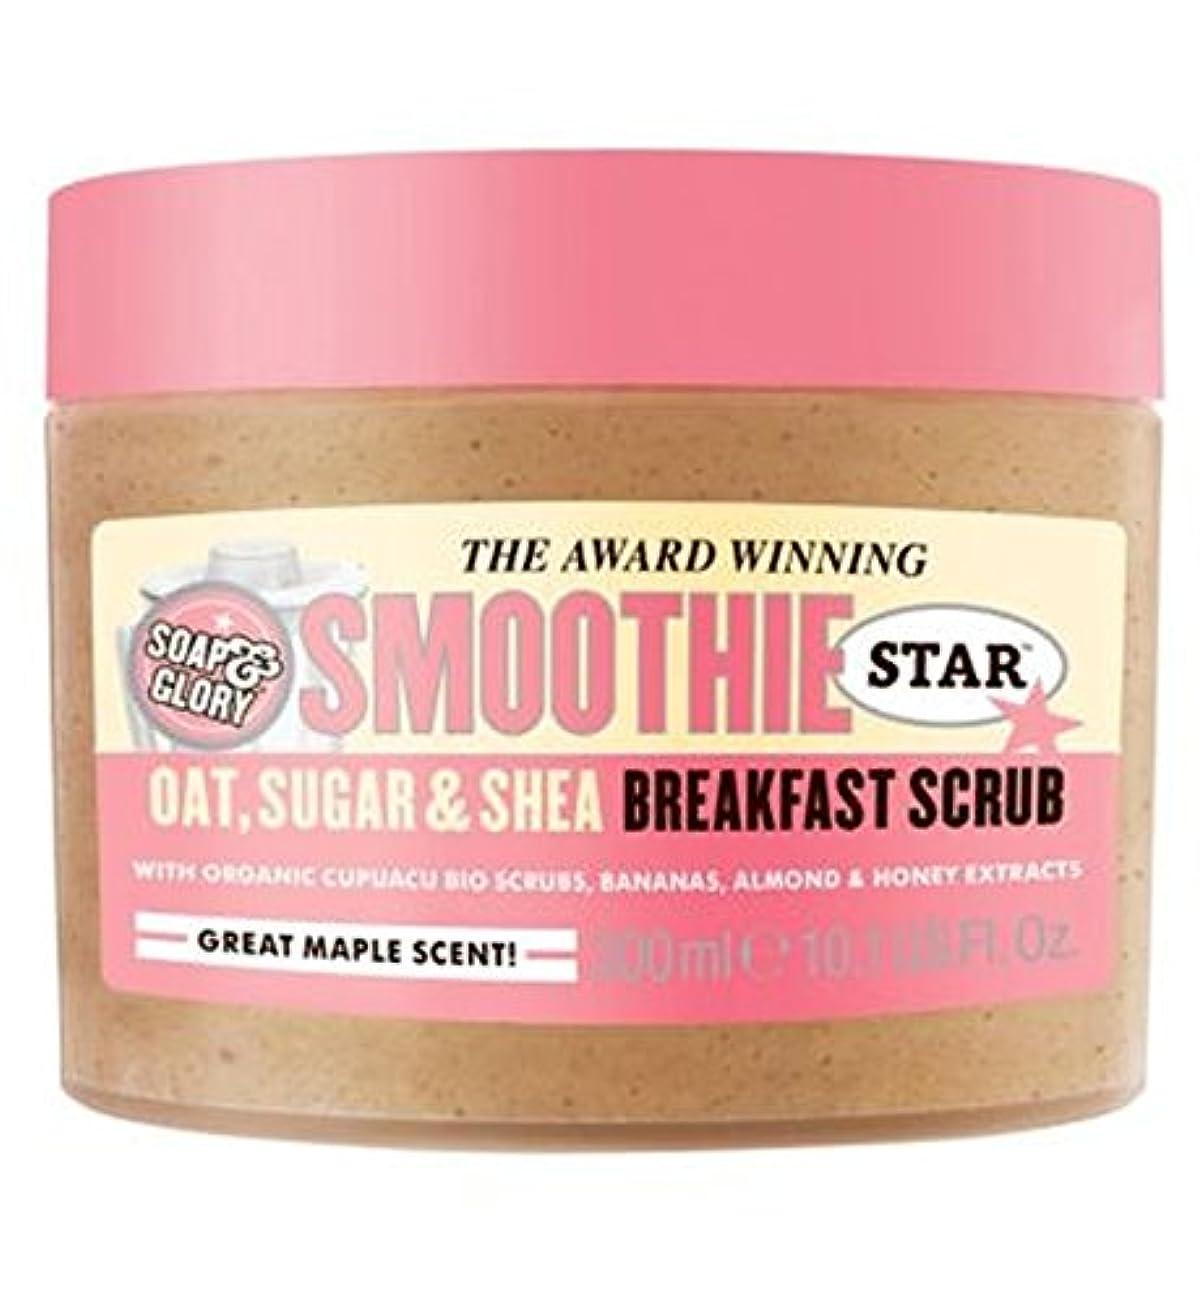 封筒ラフインタラクション石鹸&栄光スムージースター朝食スクラブ300ミリリットル (Soap & Glory) (x2) - Soap & Glory Smoothie Star Breakfast Scrub 300ml (Pack of 2...